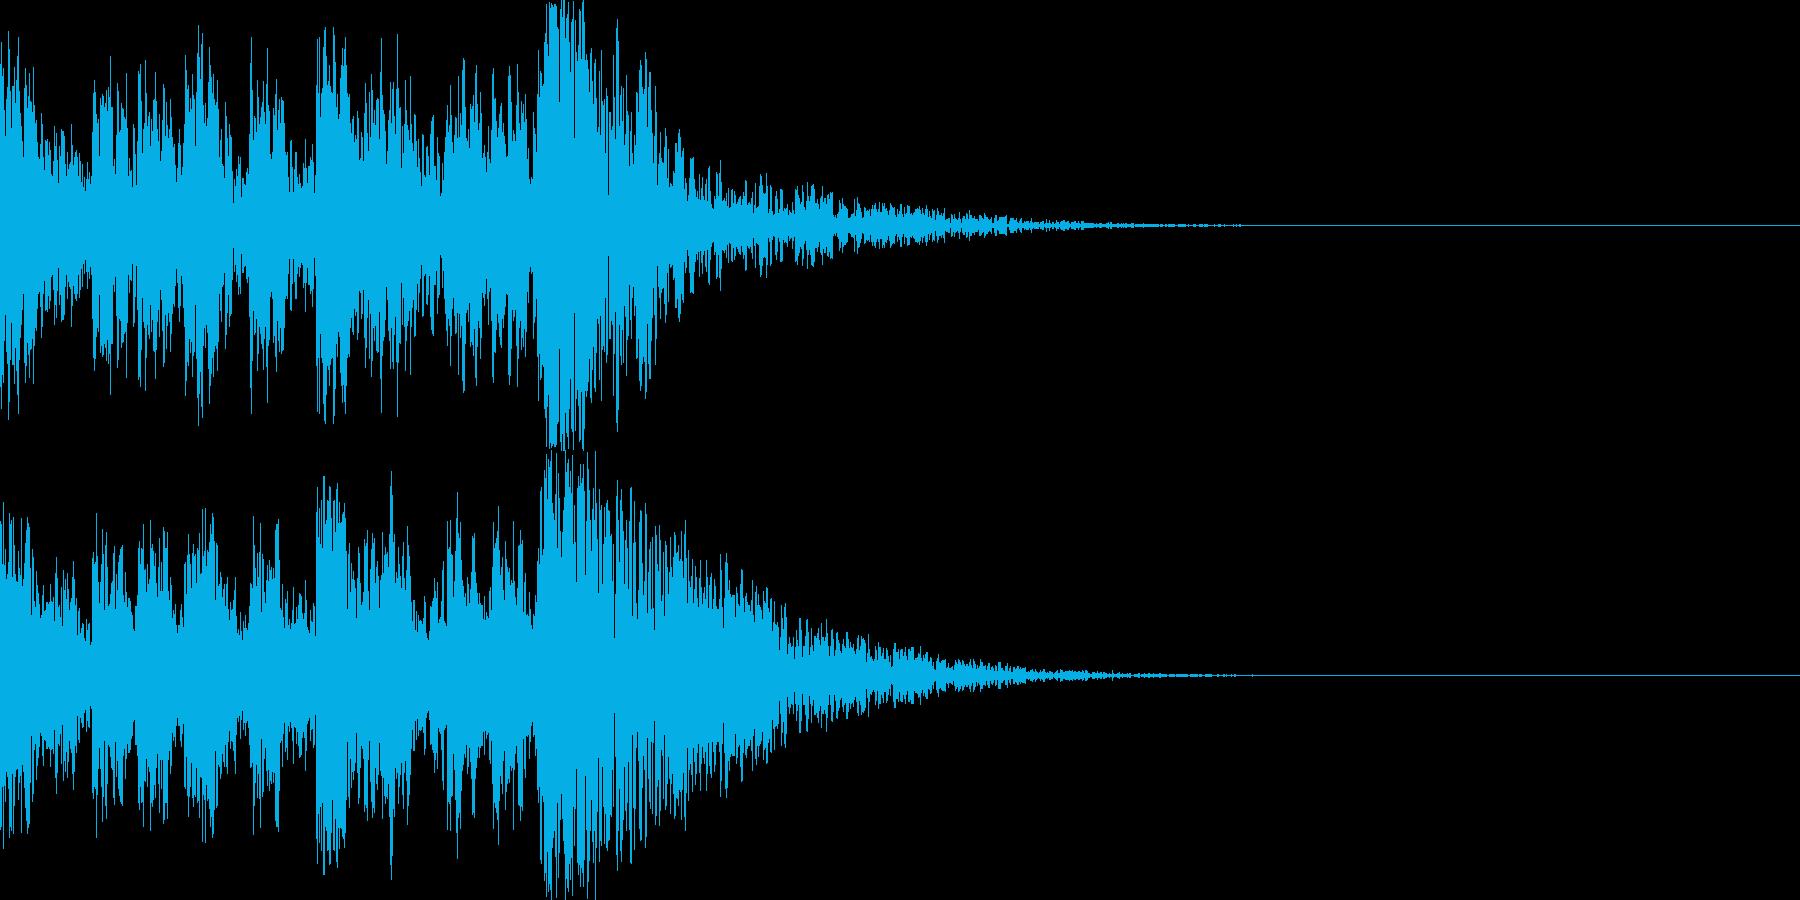 鼓(つづみ)太鼓のフレーズ ジングル02の再生済みの波形